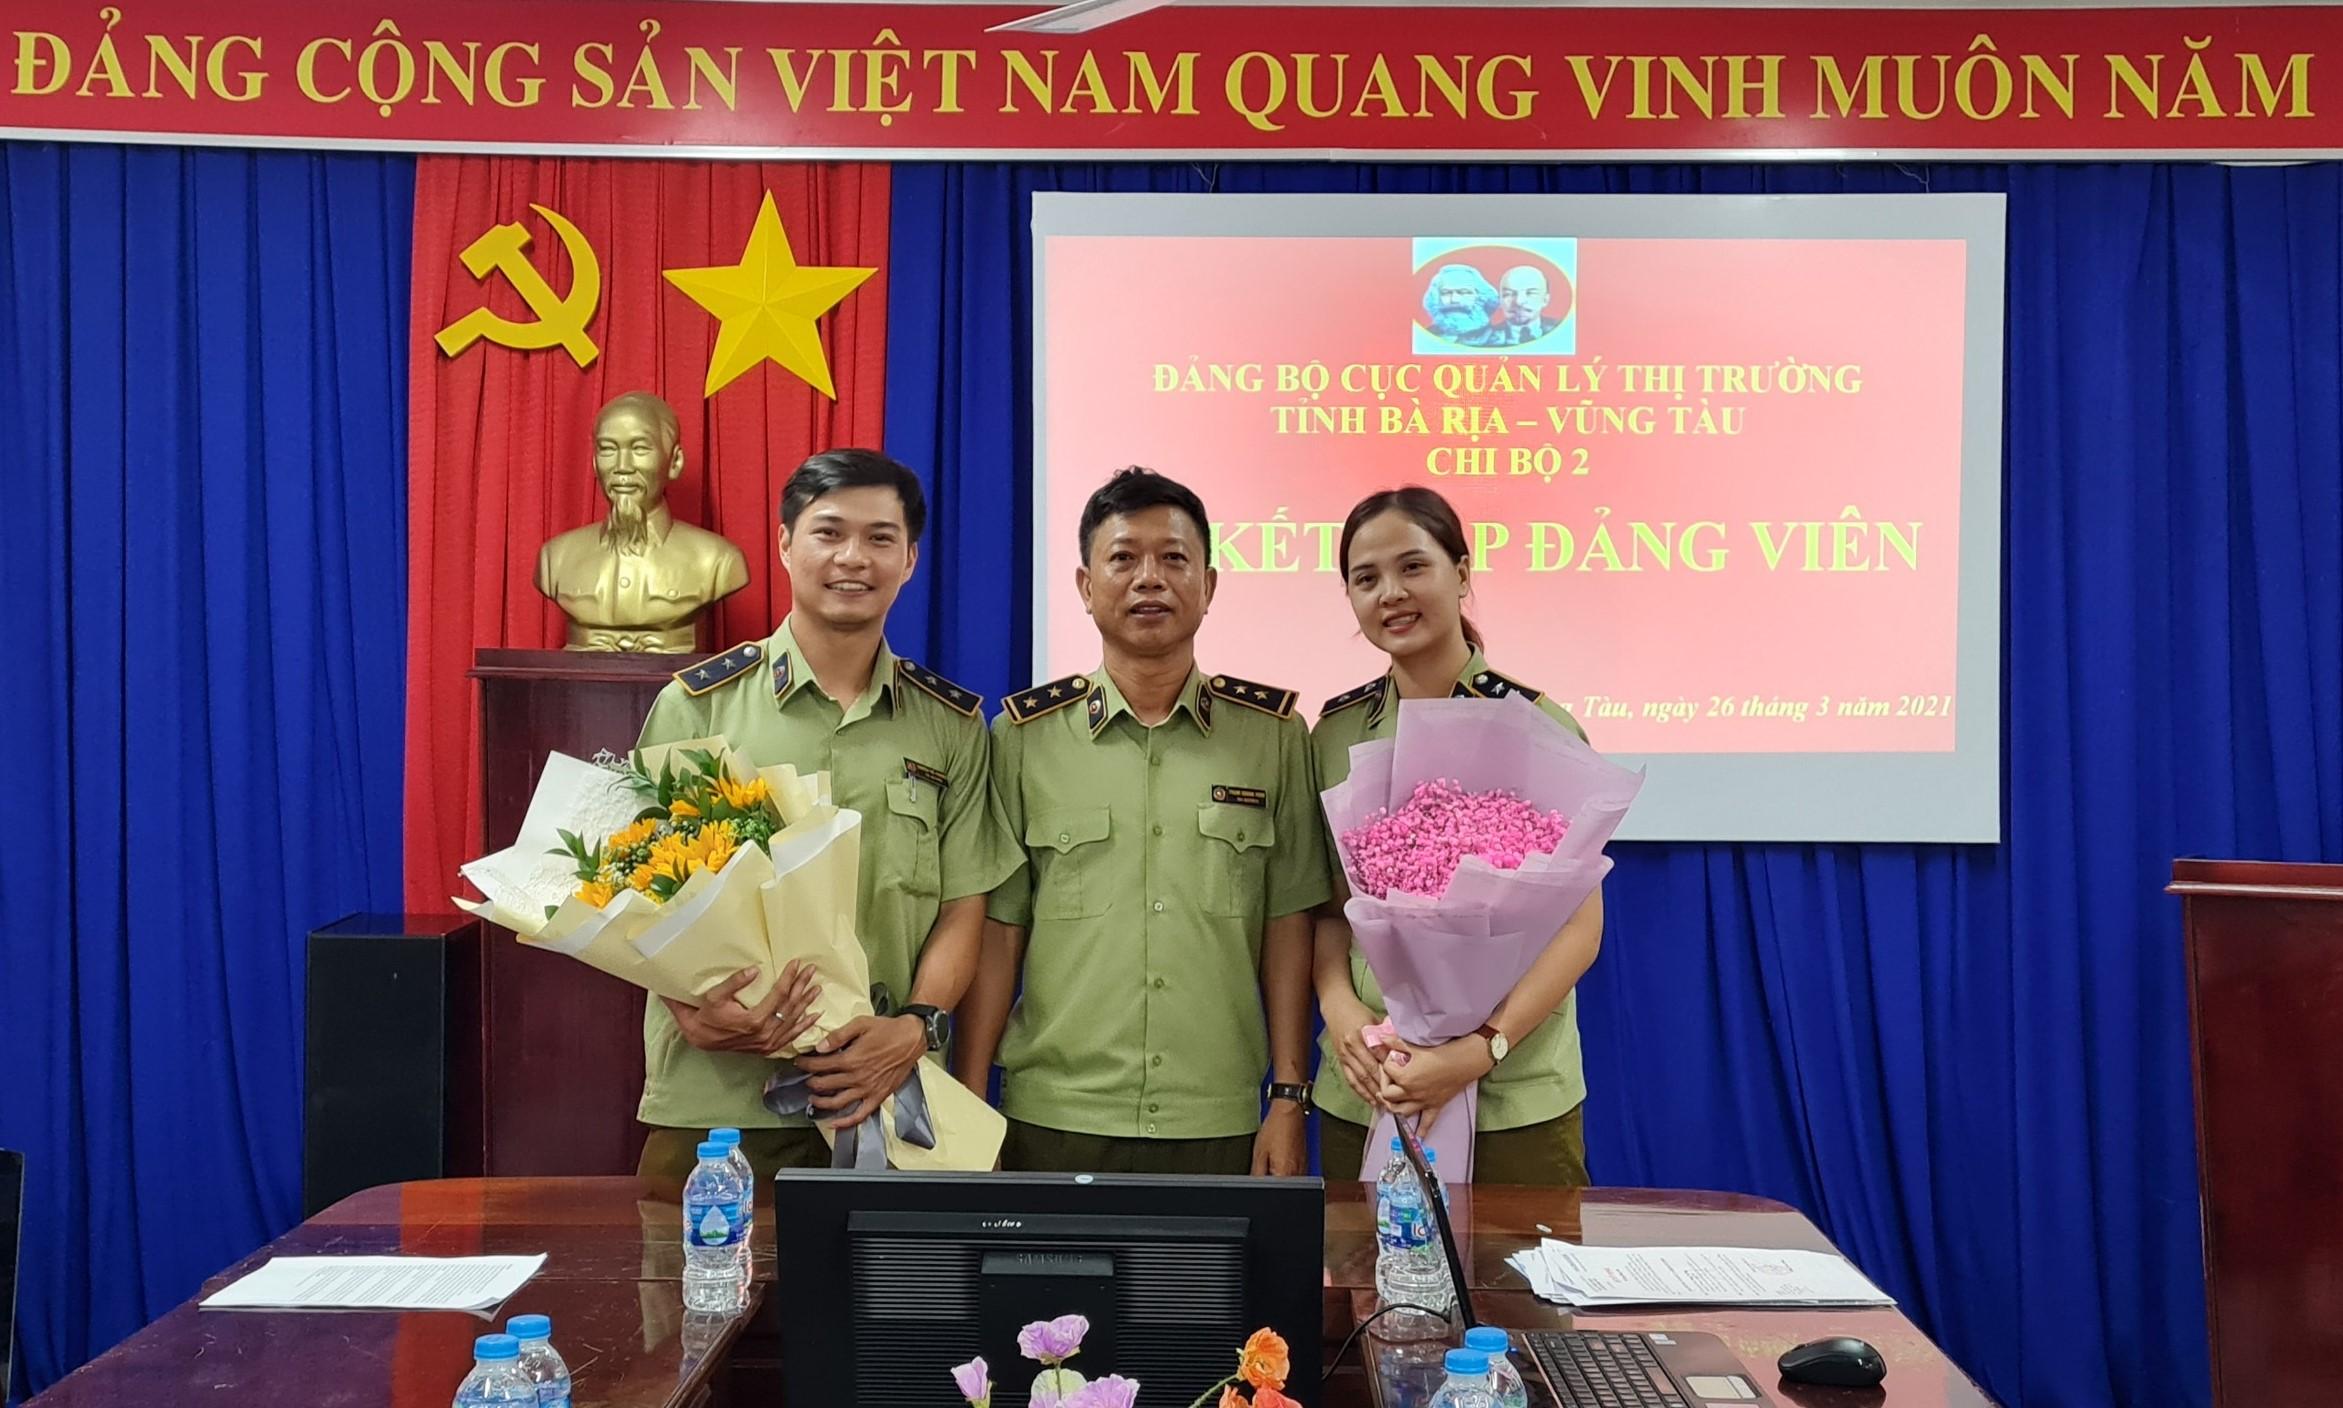 Lễ kết nạp Đảng viên thuộc Chi bộ 2 Đảng bộ Cục QLTT tỉnh Bà Rịa - Vũng Tàu